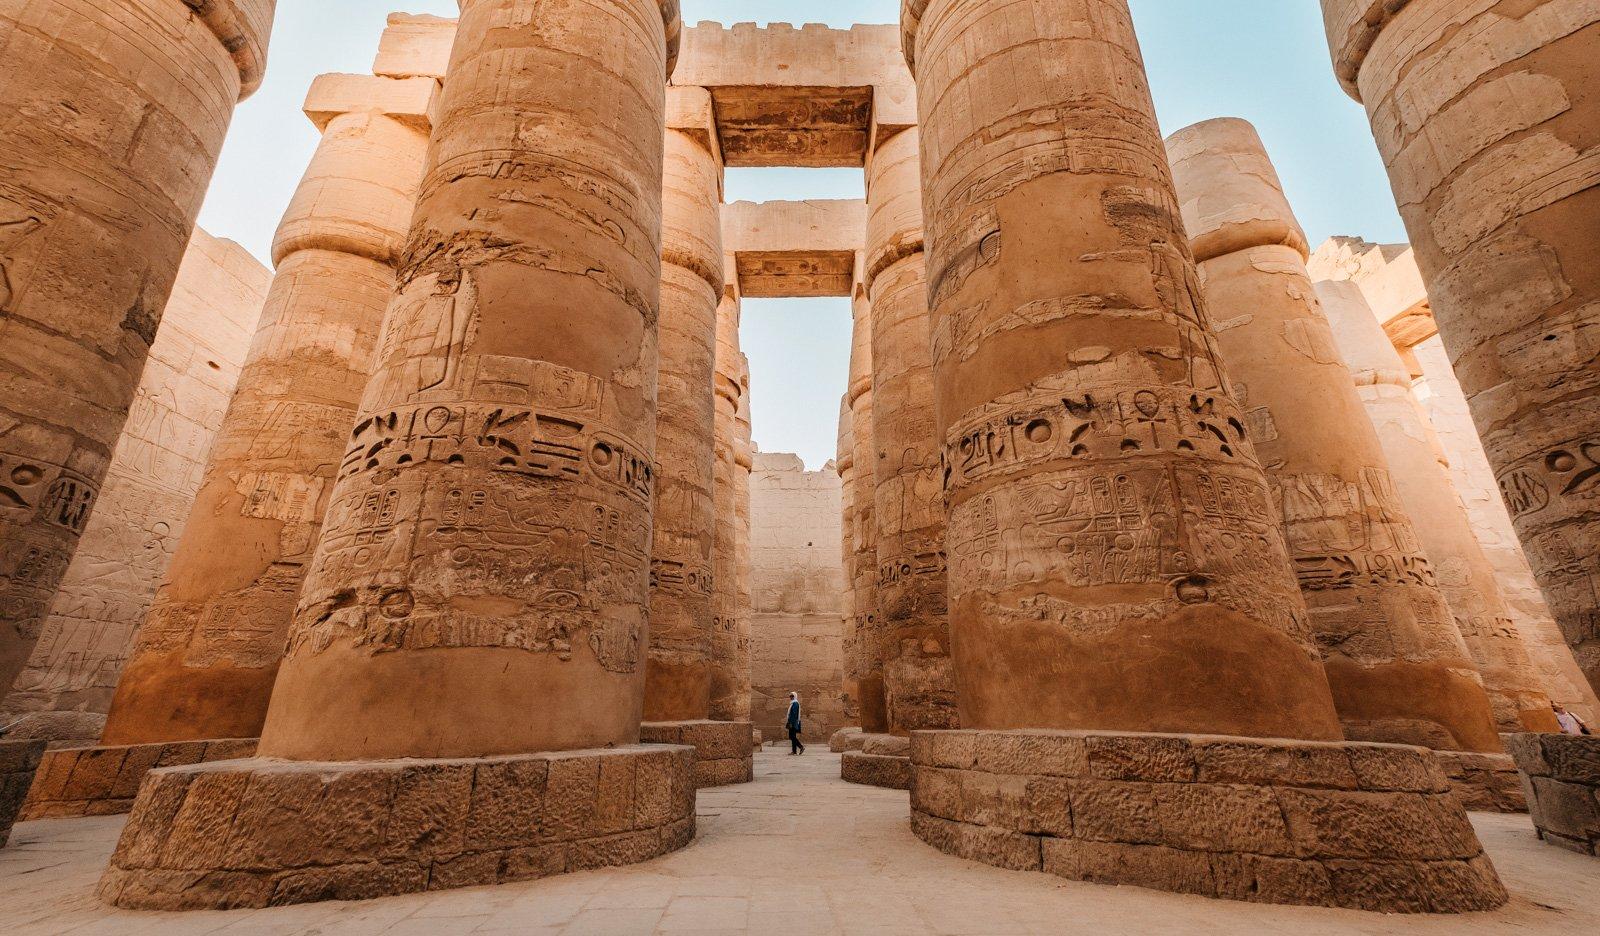 Pilares masivos cerca de las pirámides de Egipto